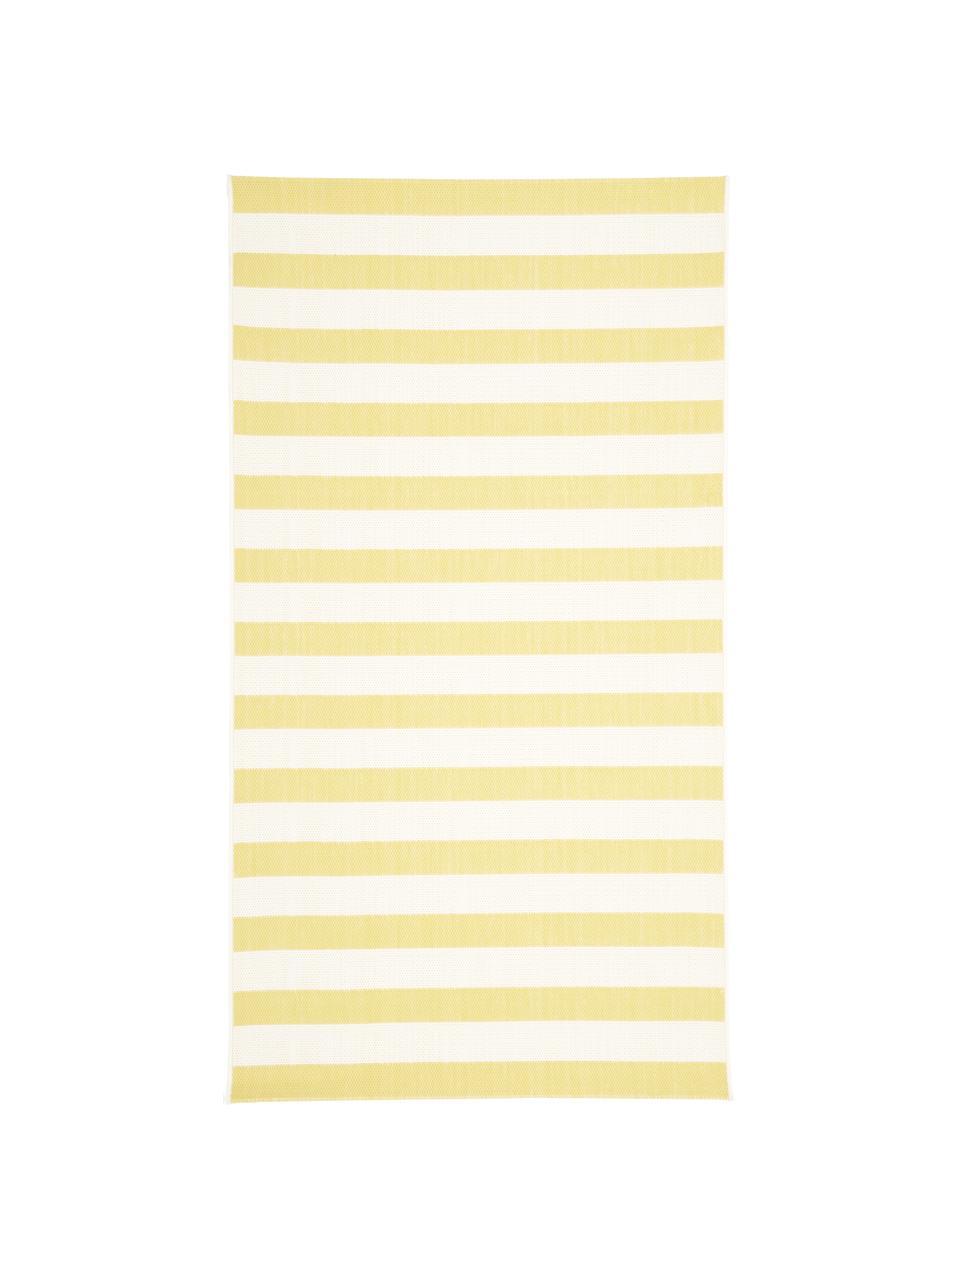 Dywan wewnętrzny/zewnętrzny Axa, Kremowobiały, żółty, S 160 x D 230 cm (Rozmiar M)